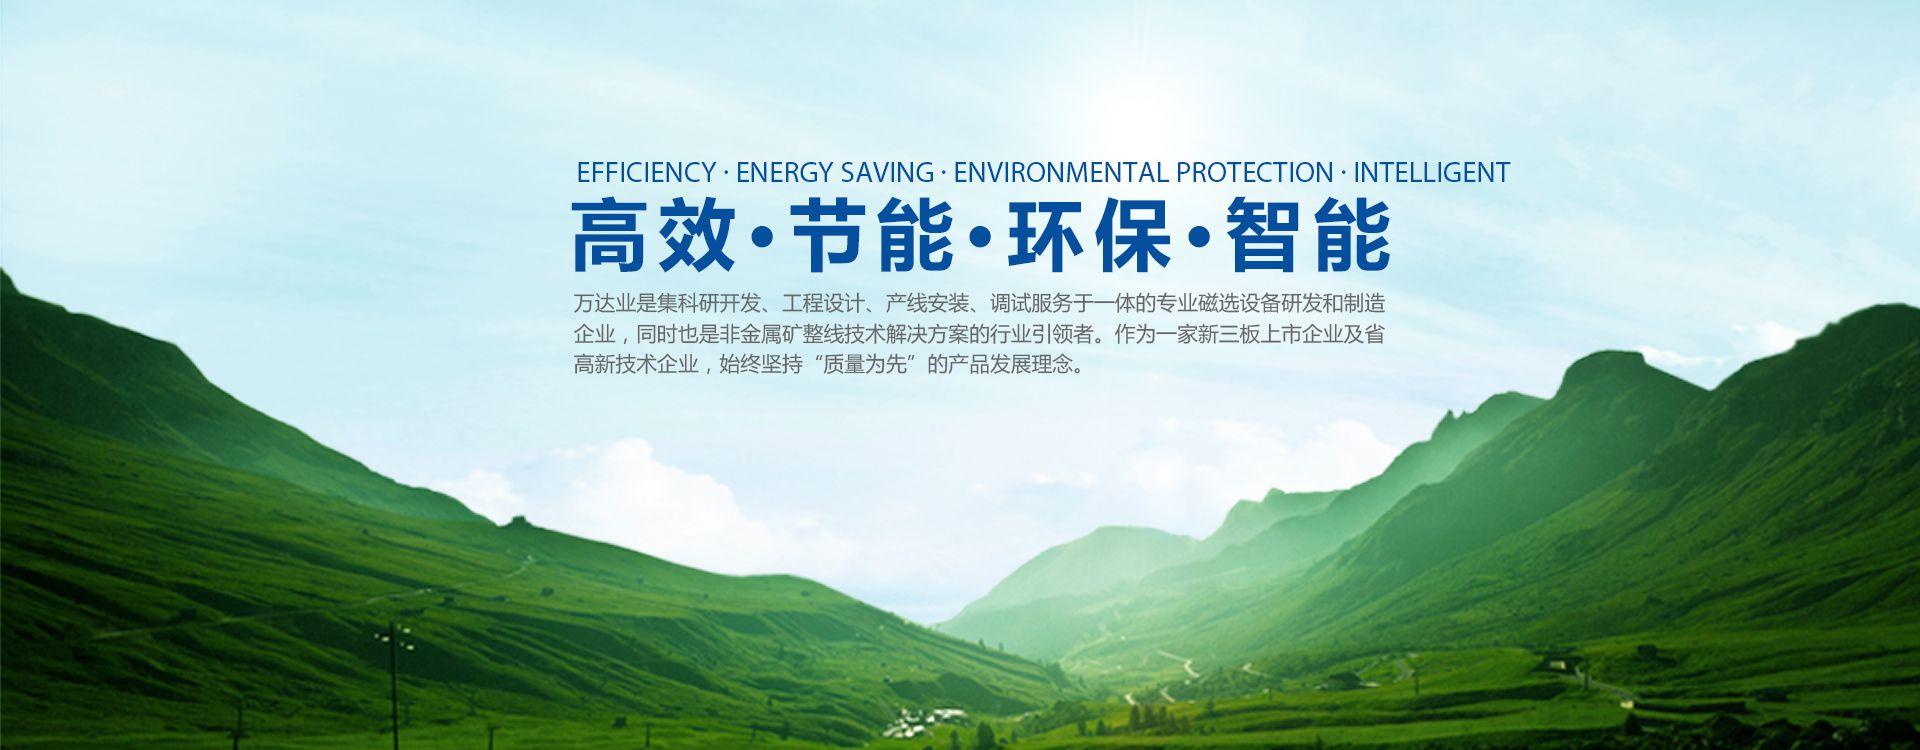 s10英雄联meng下zhu平台理念an咝 节能 环保 zhi能